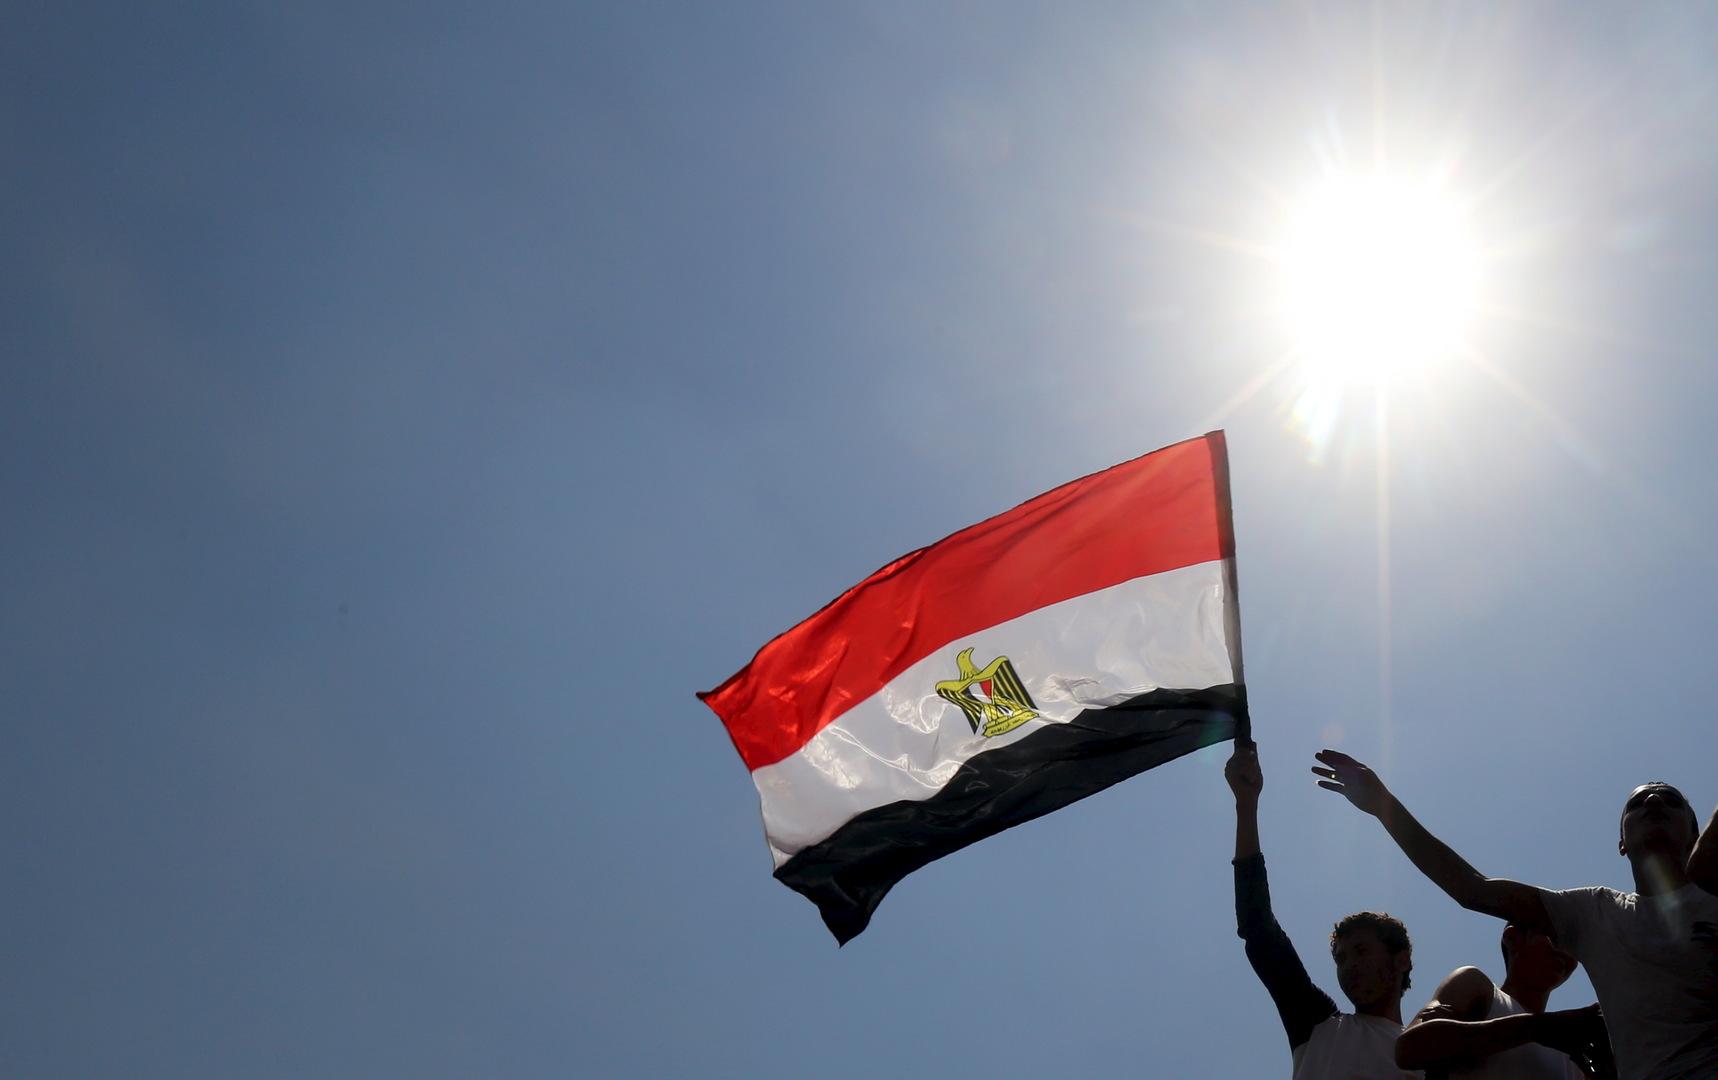 وزير الطاقة الإسرائيلي يصل إلى مصر